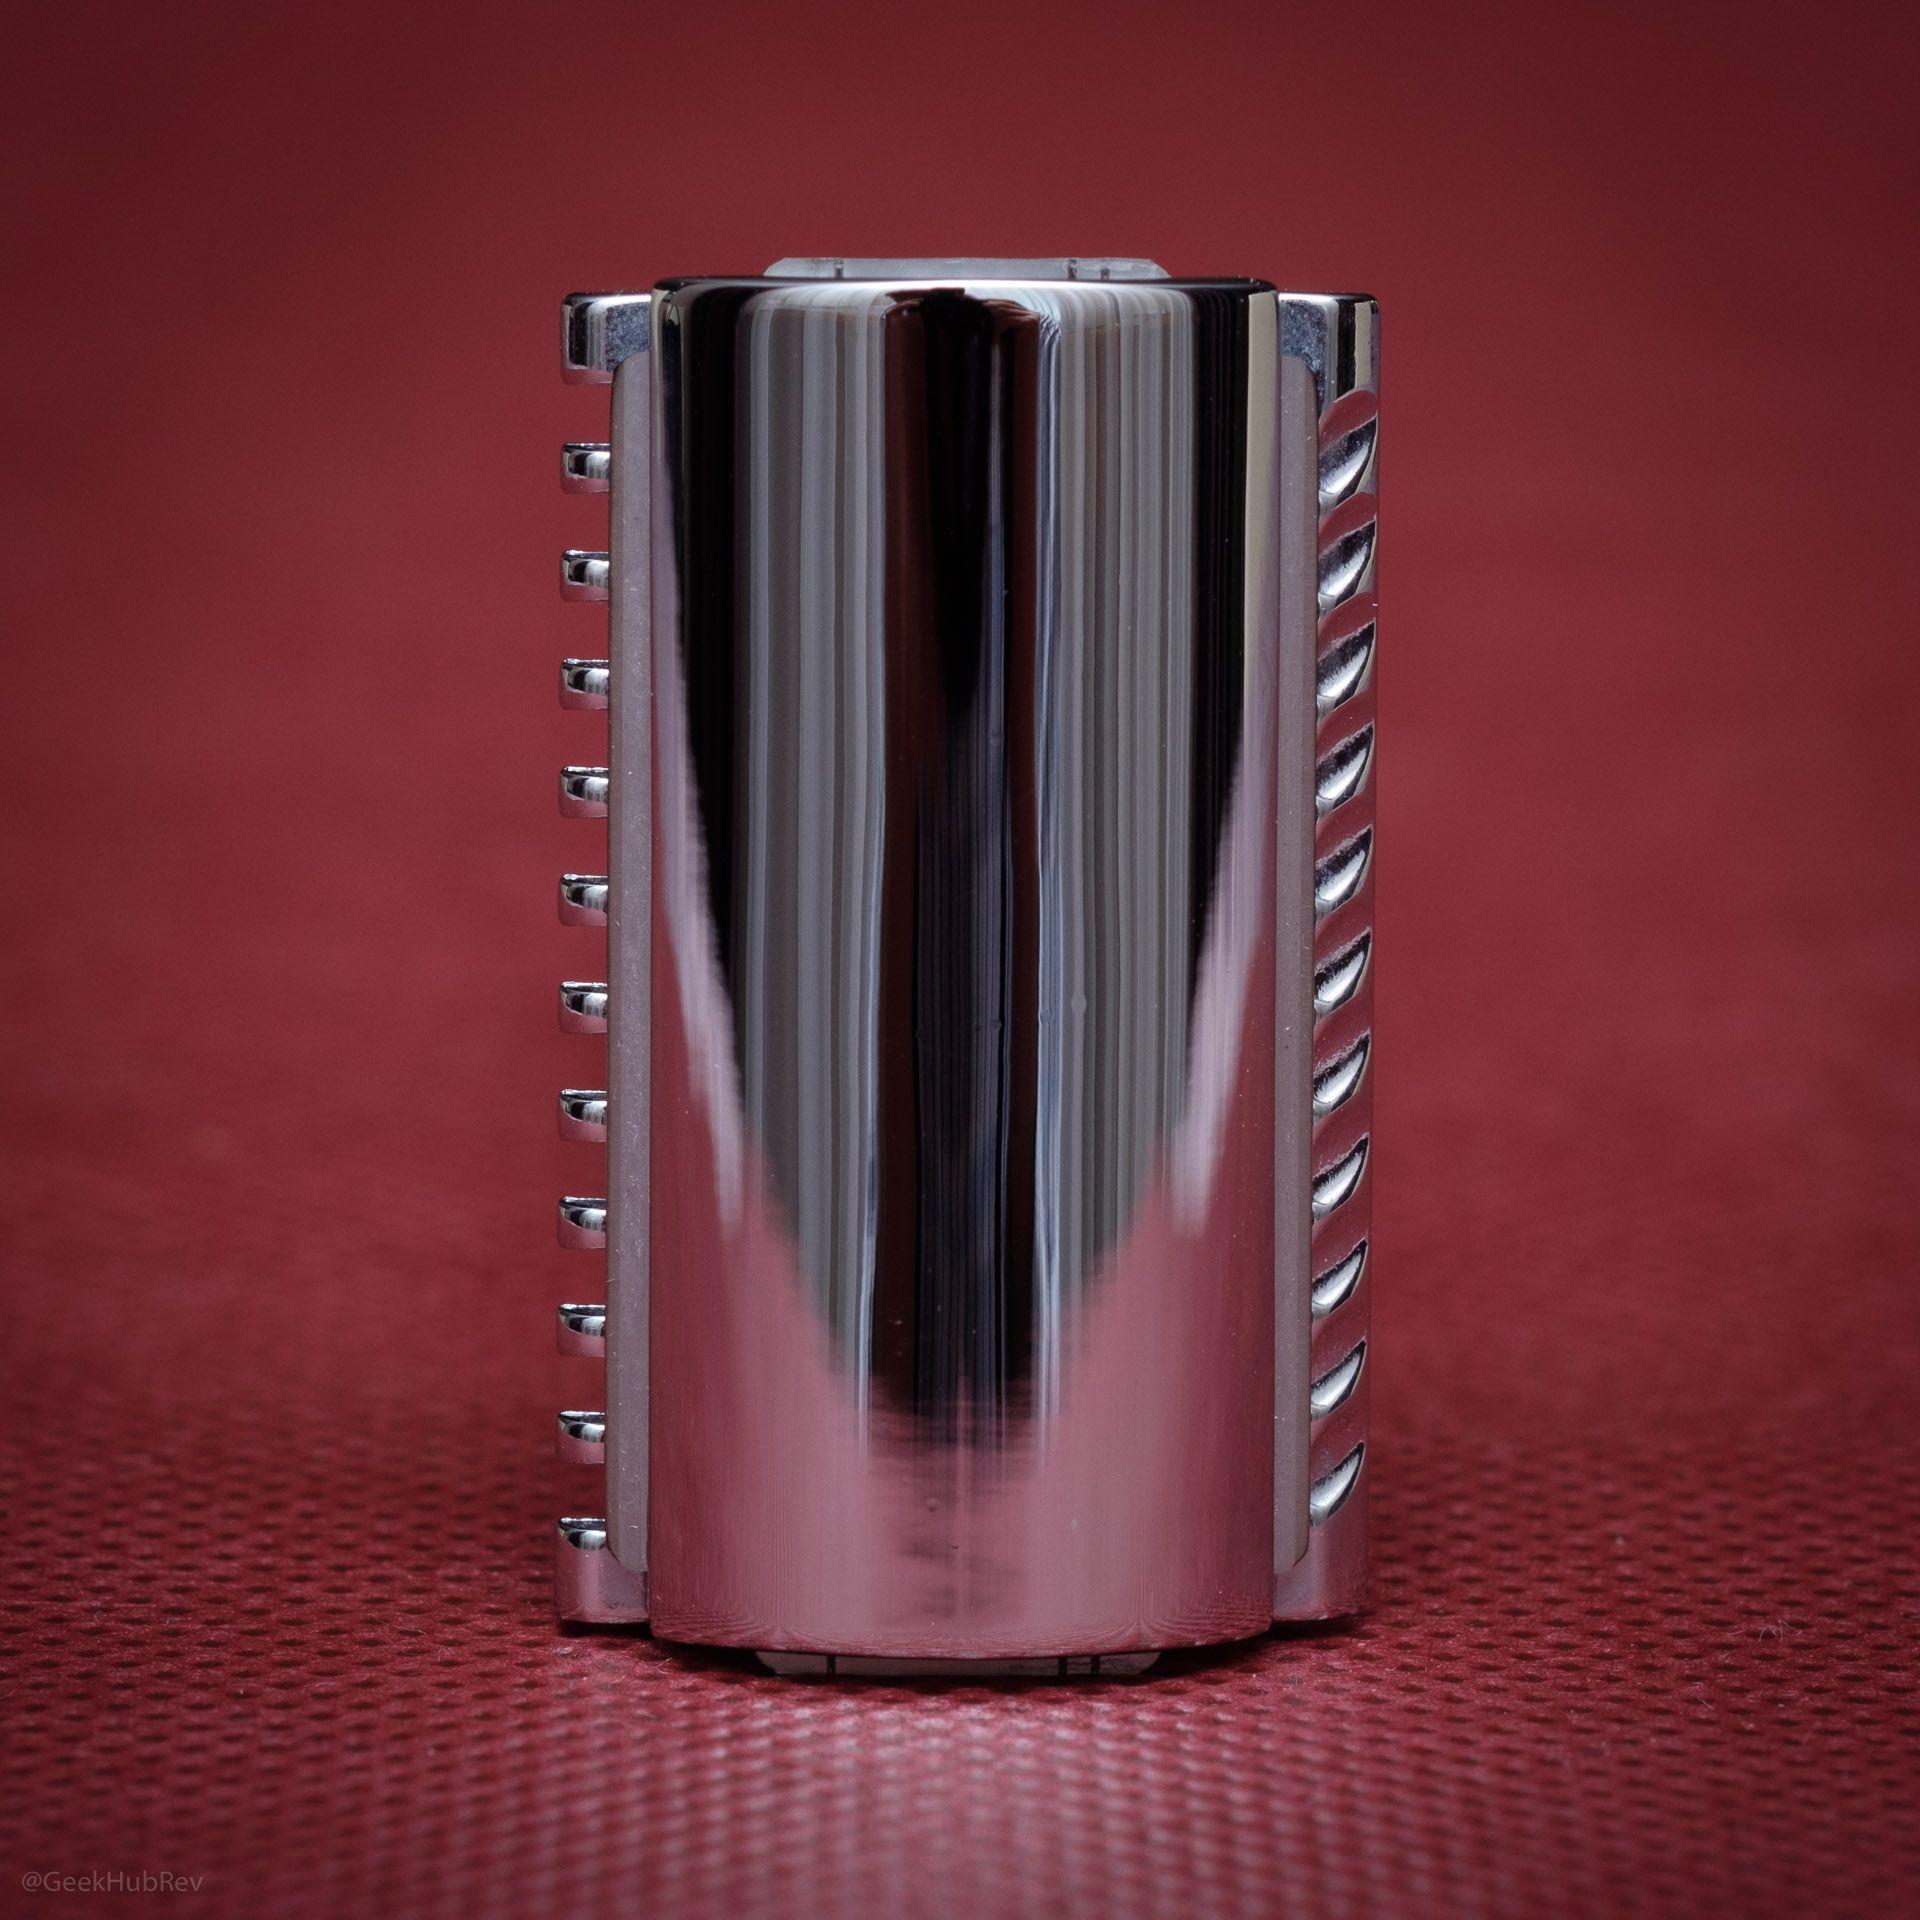 Trzymanie żyletki w maszynce do golenia na żyletki Vigshaving DERZ04BL Safety Razor